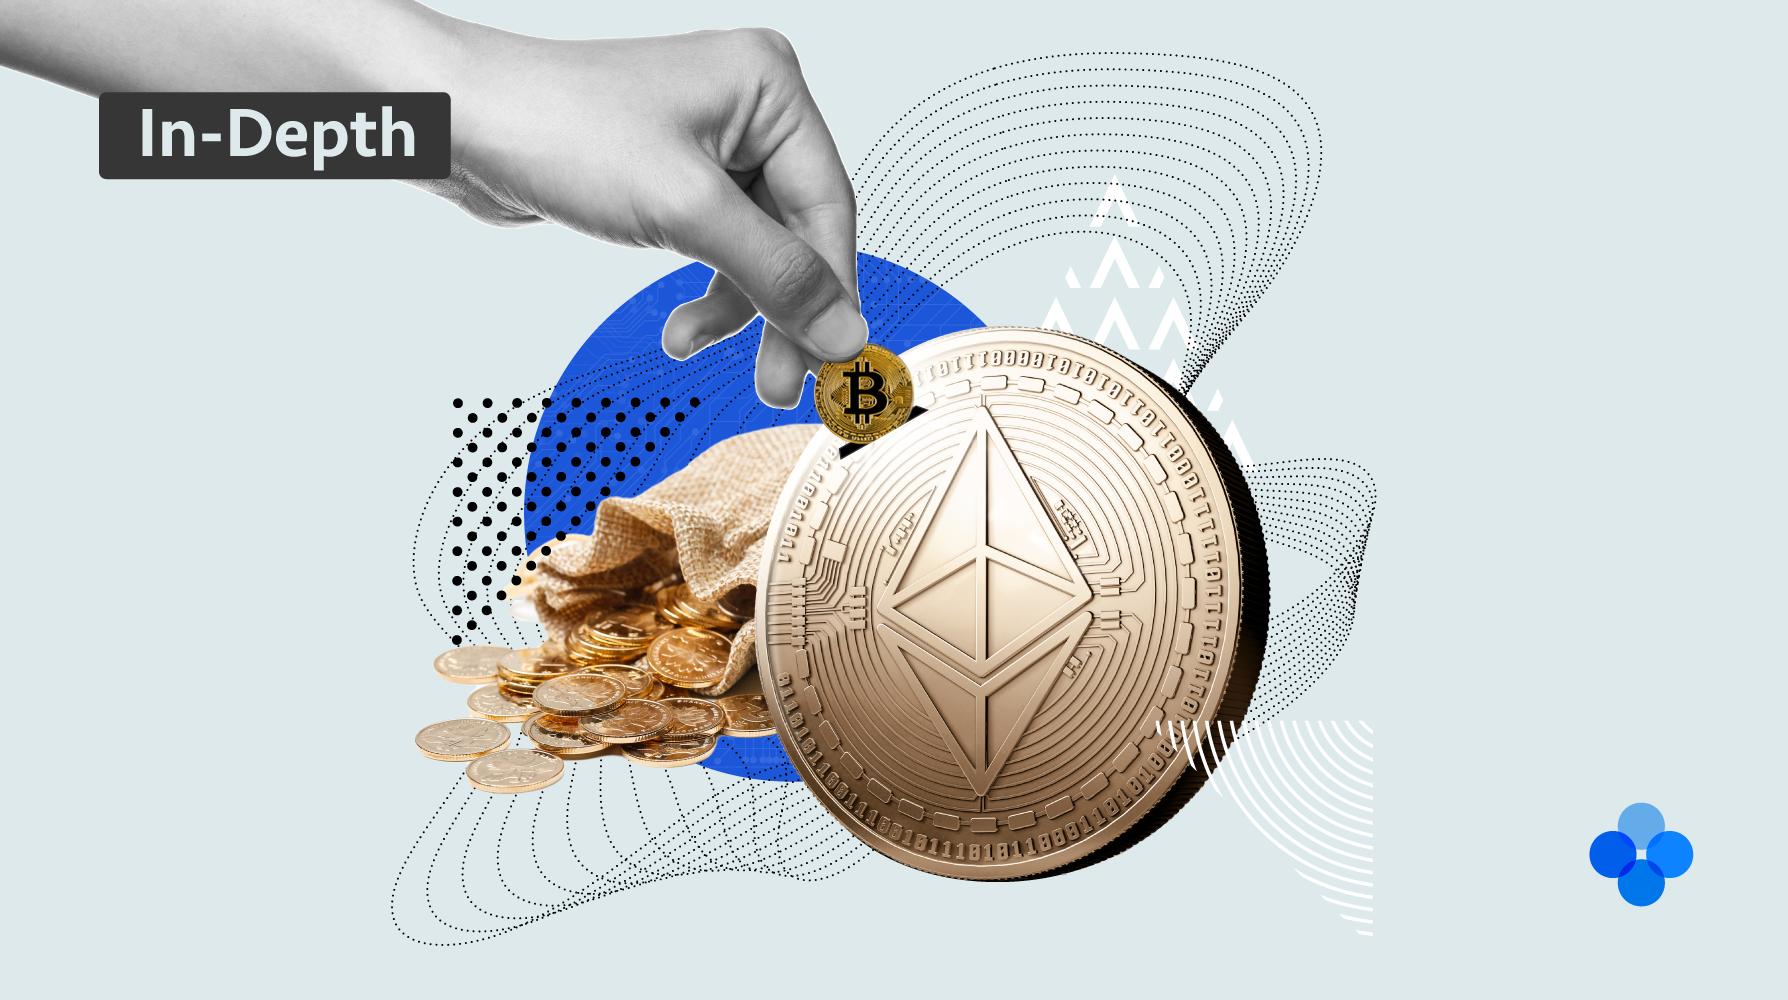 Vietējā bitcoin pārsūtīšana. Bez depozīta bonusa binārās iespējas